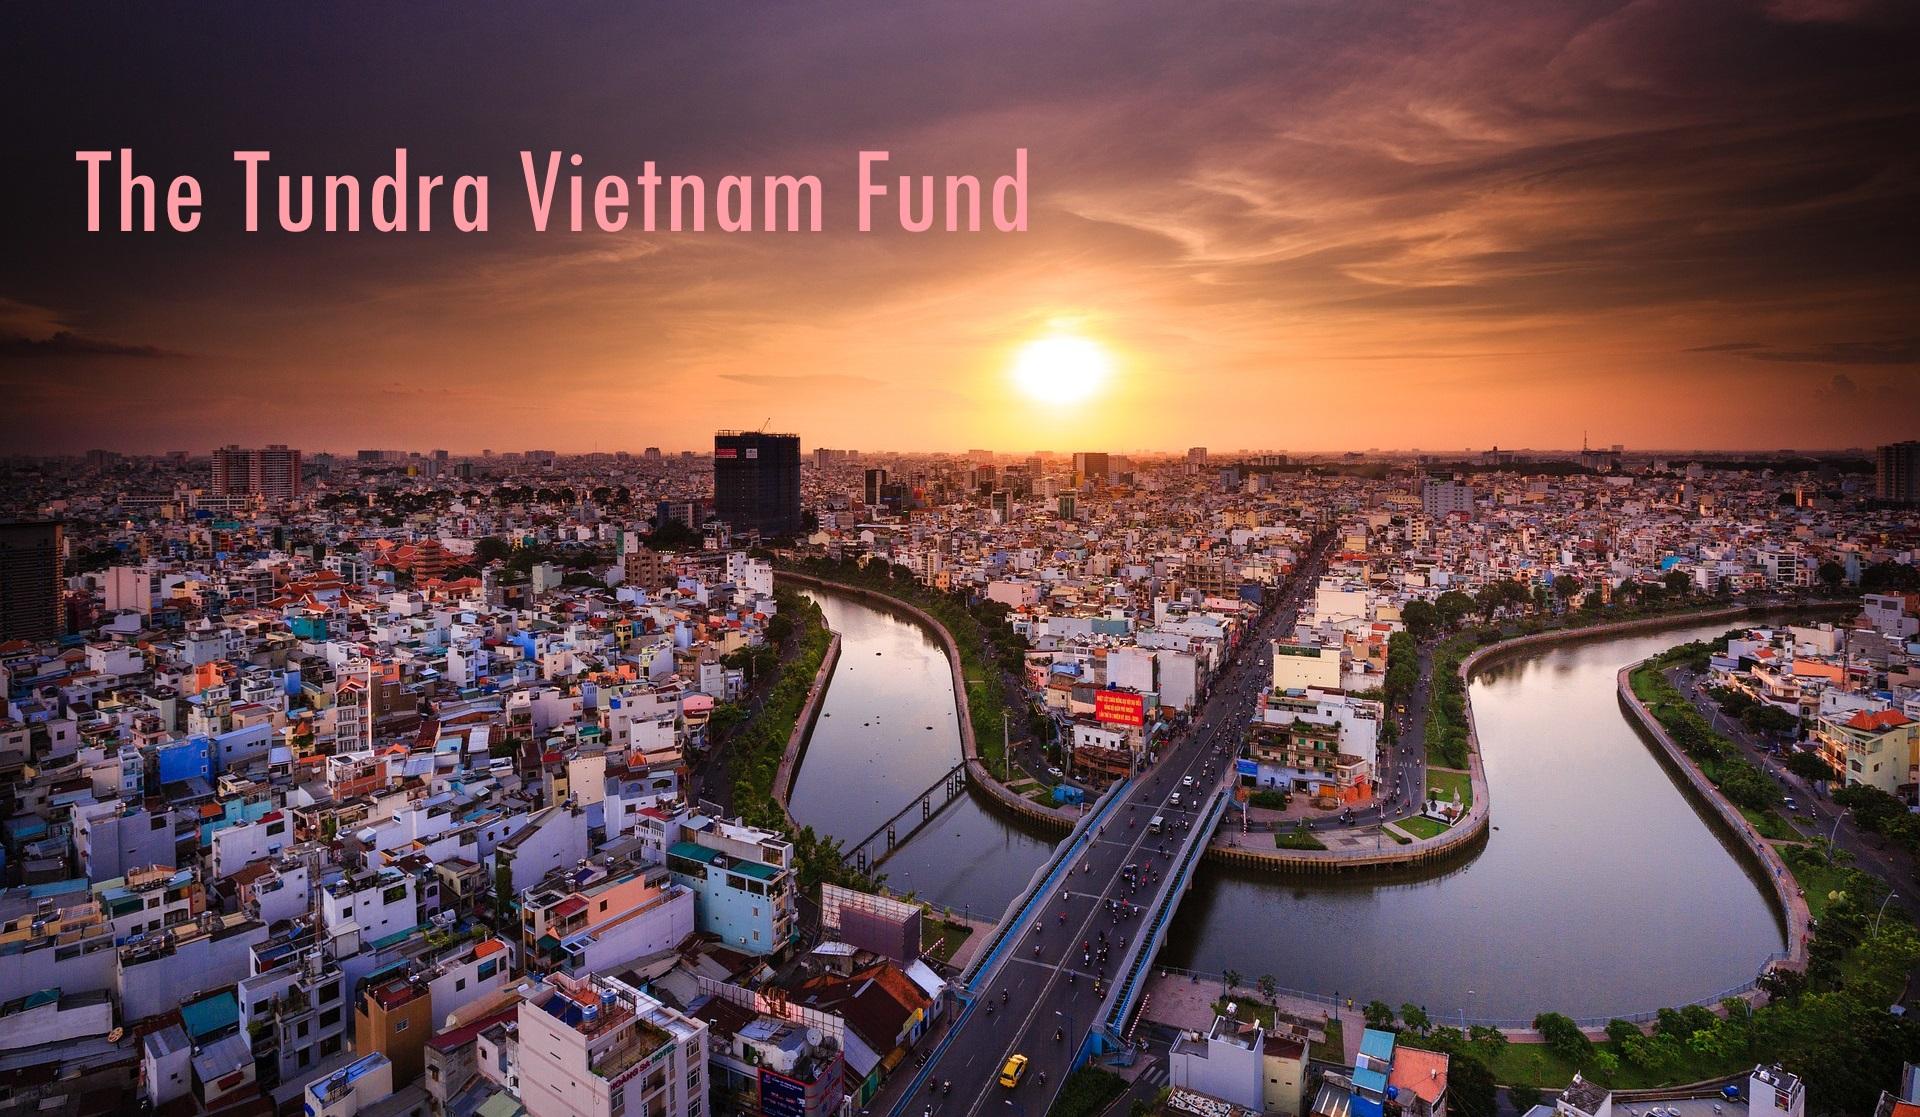 Tundra lần đầu thua lỗ trong tháng 2, cho rằng kinh tế Việt Nam sẽ tổn thương gián tiếp